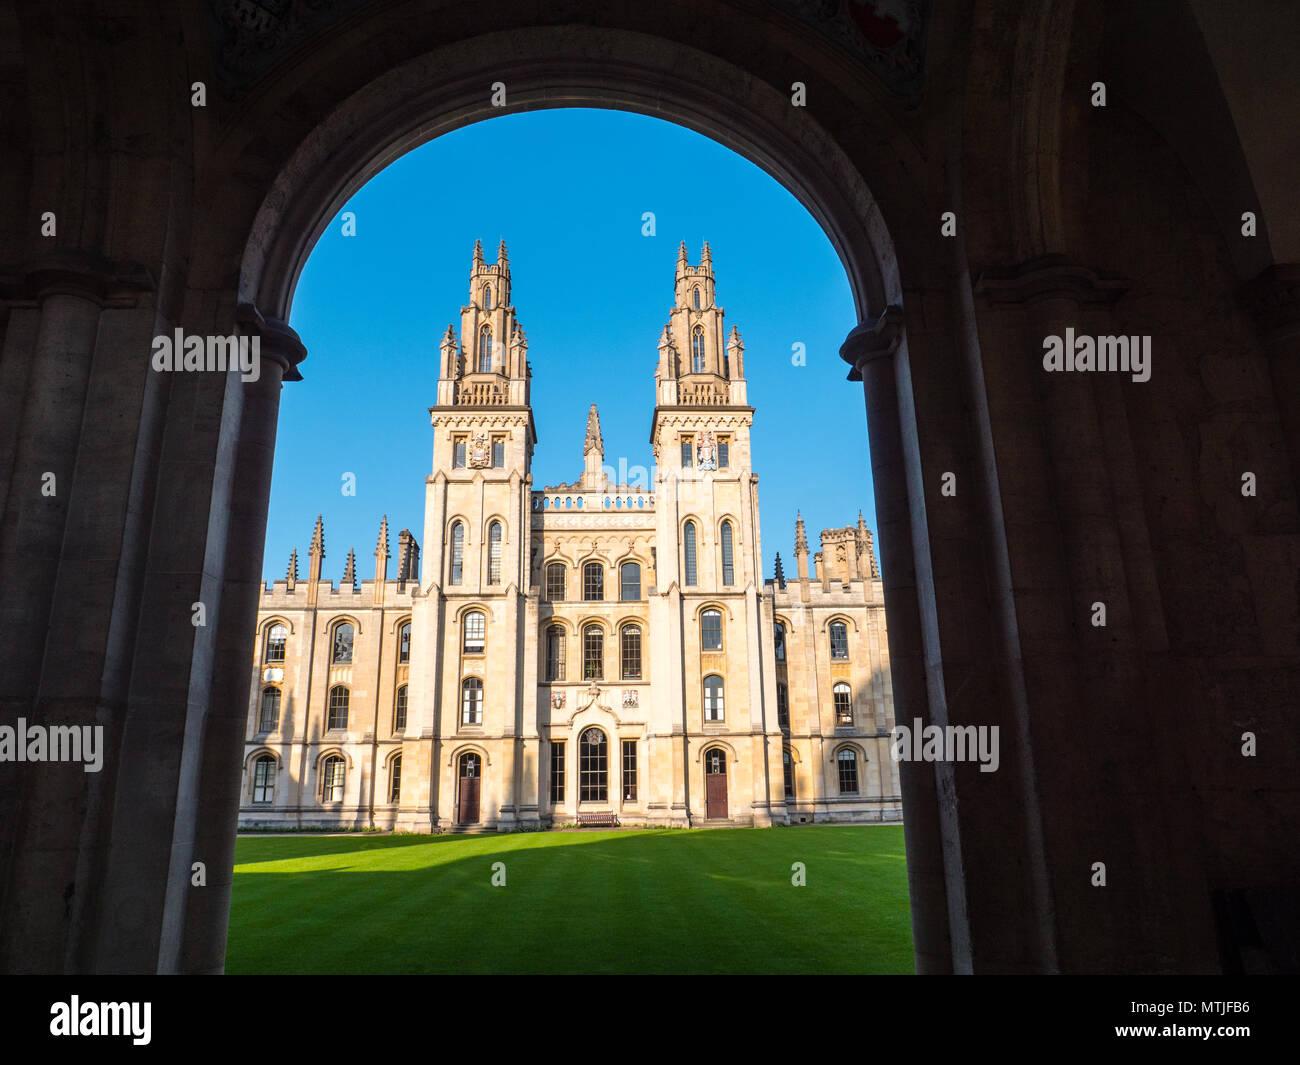 All Souls College, (Collège de l'âme de tous les fidèles défunts), Mondes plus durement Examen d'entrée, l'Université d'Oxford, Oxford, England, UK, FR. Photo Stock